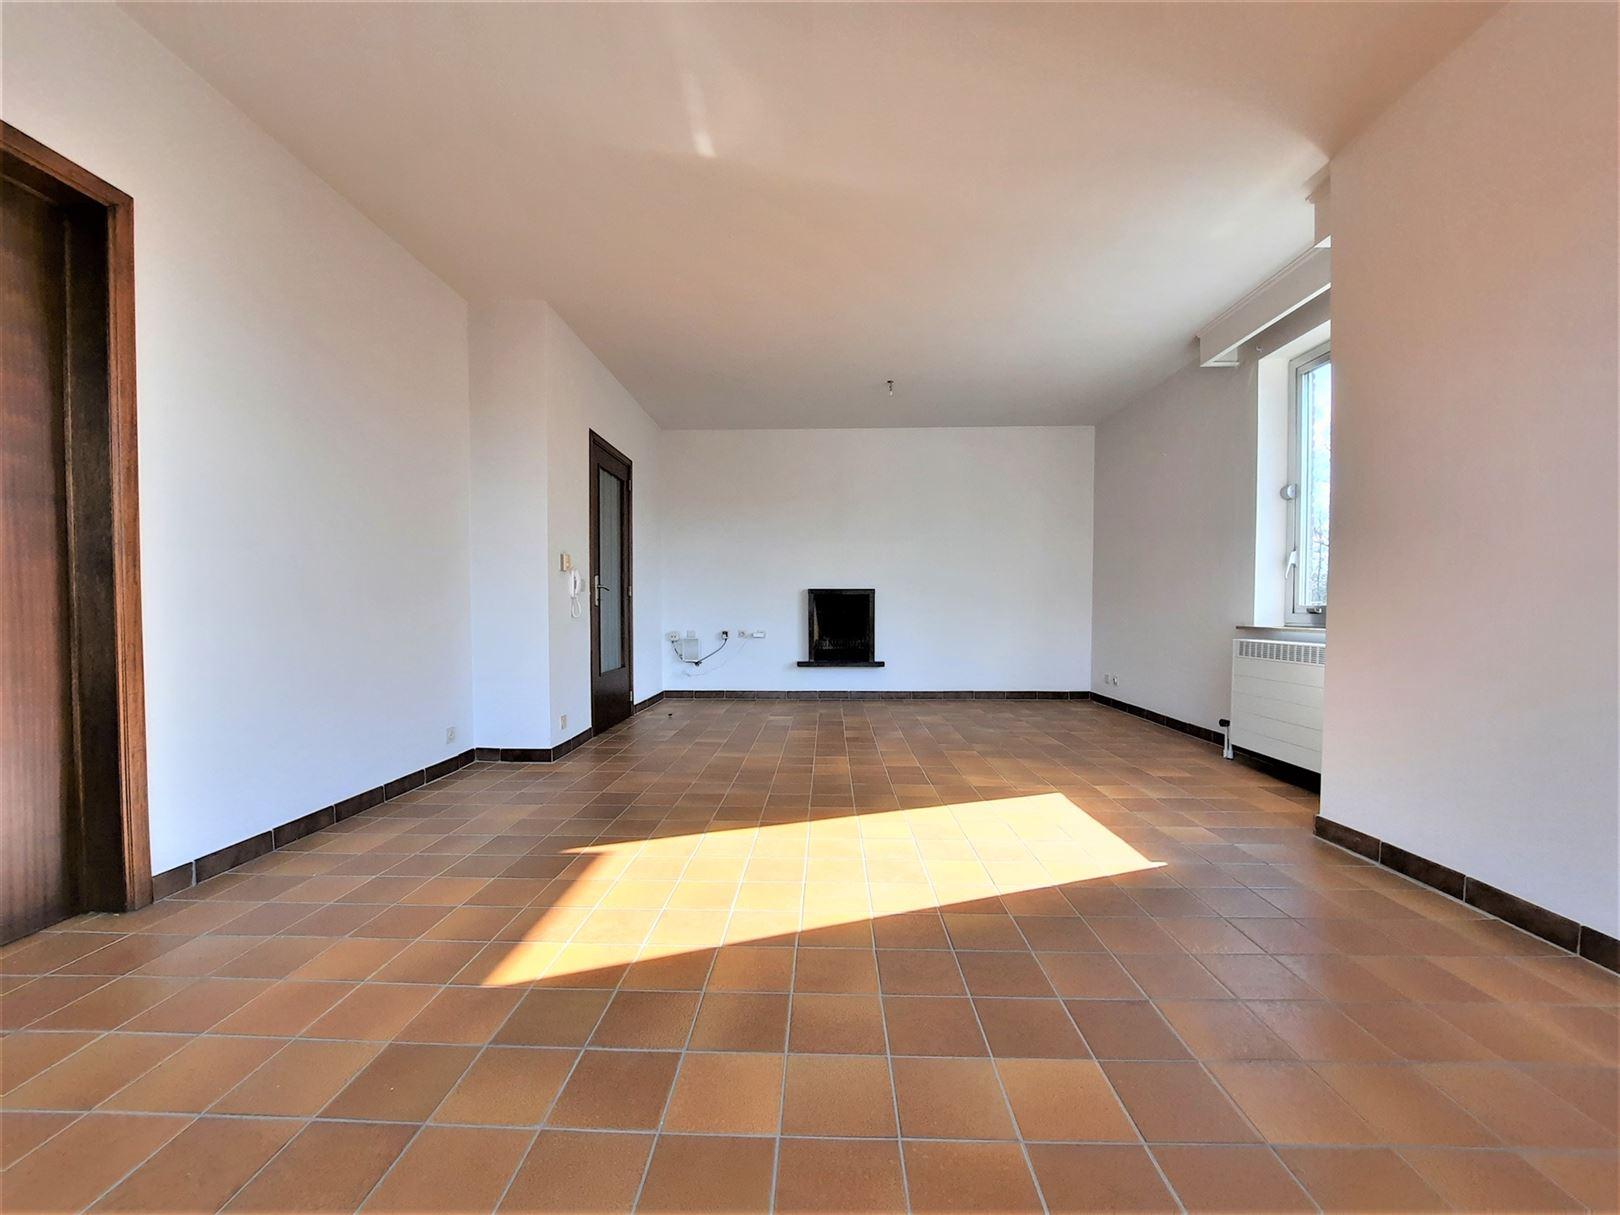 Foto 2 : Appartement te 9200 OUDEGEM (België) - Prijs € 620